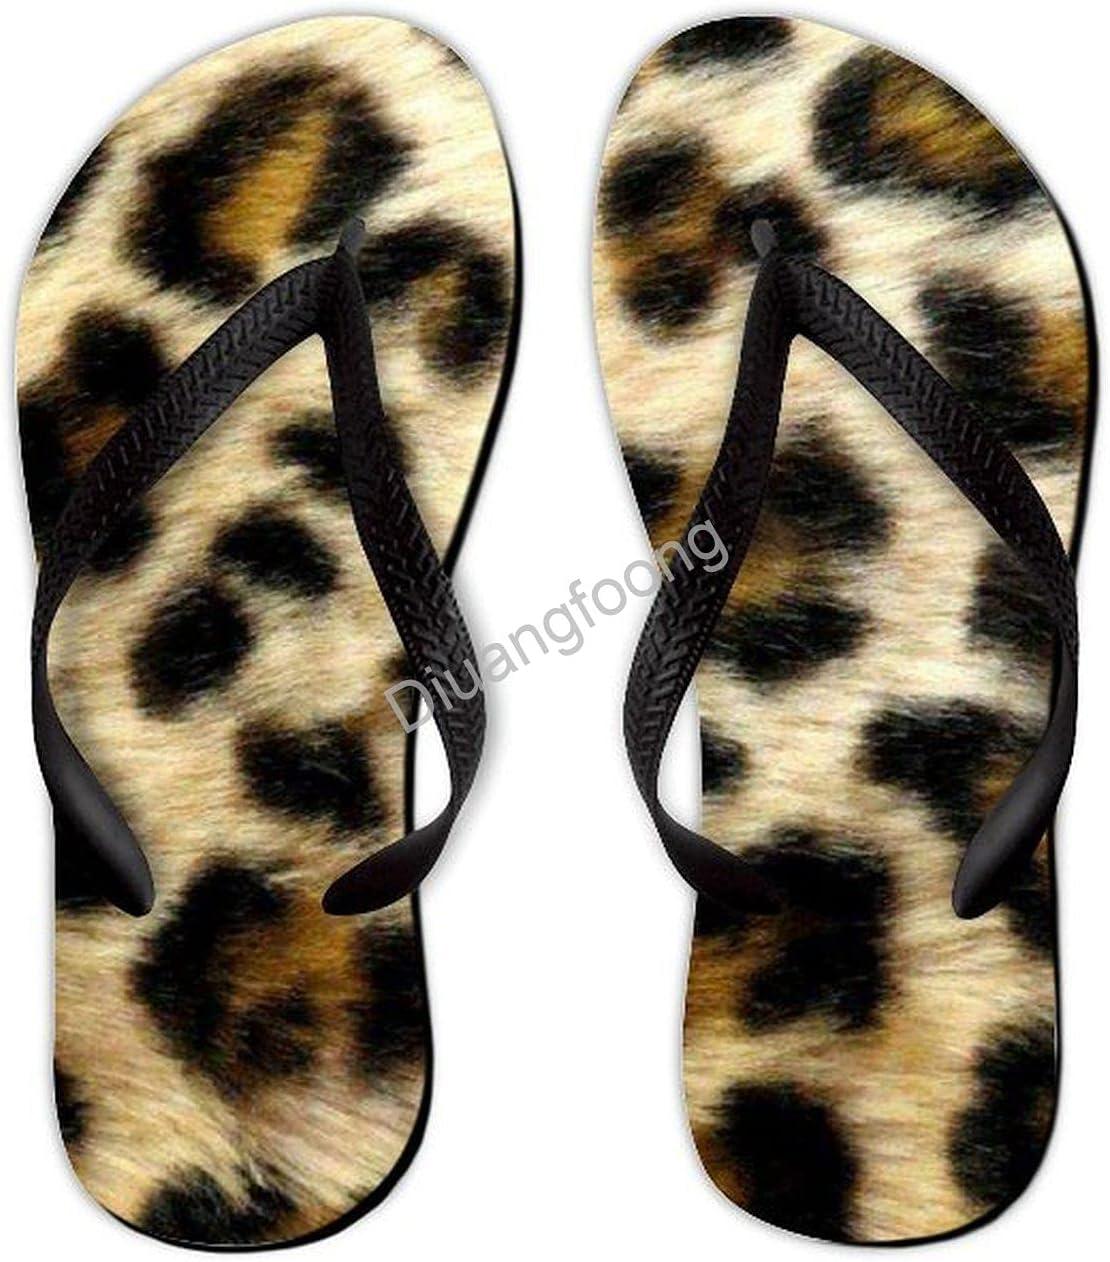 Leopard Flip Flop Beach Unique Thong Sandal Eva Sandal For House Bathroom Party Black Style4